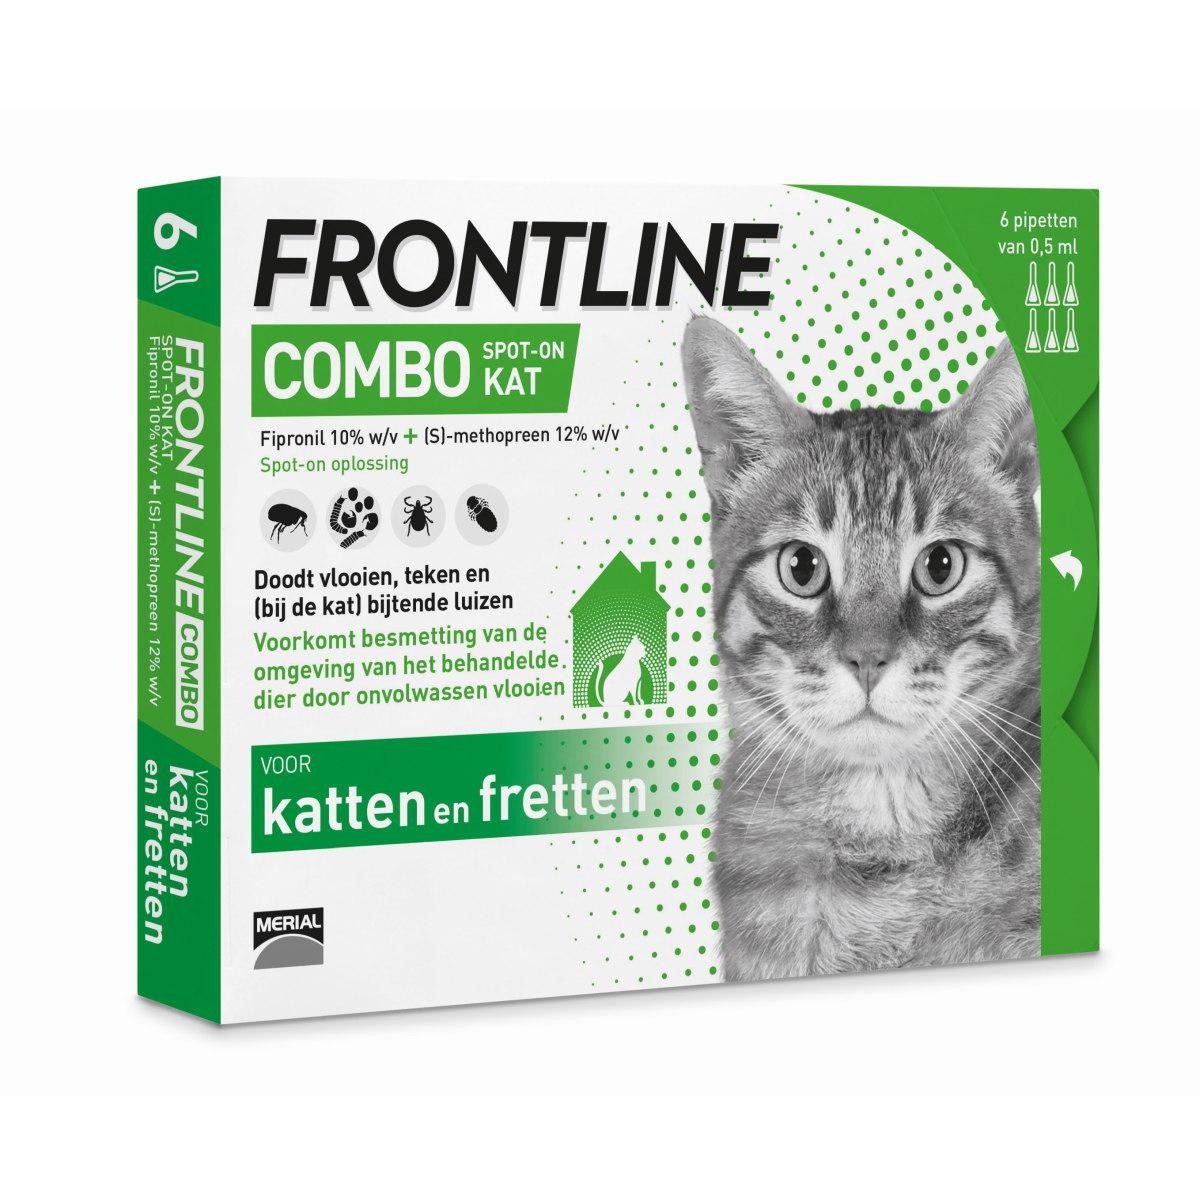 Productafbeelding voor 'Frontline - combo voor katten en fretten groen 6 pipetten'